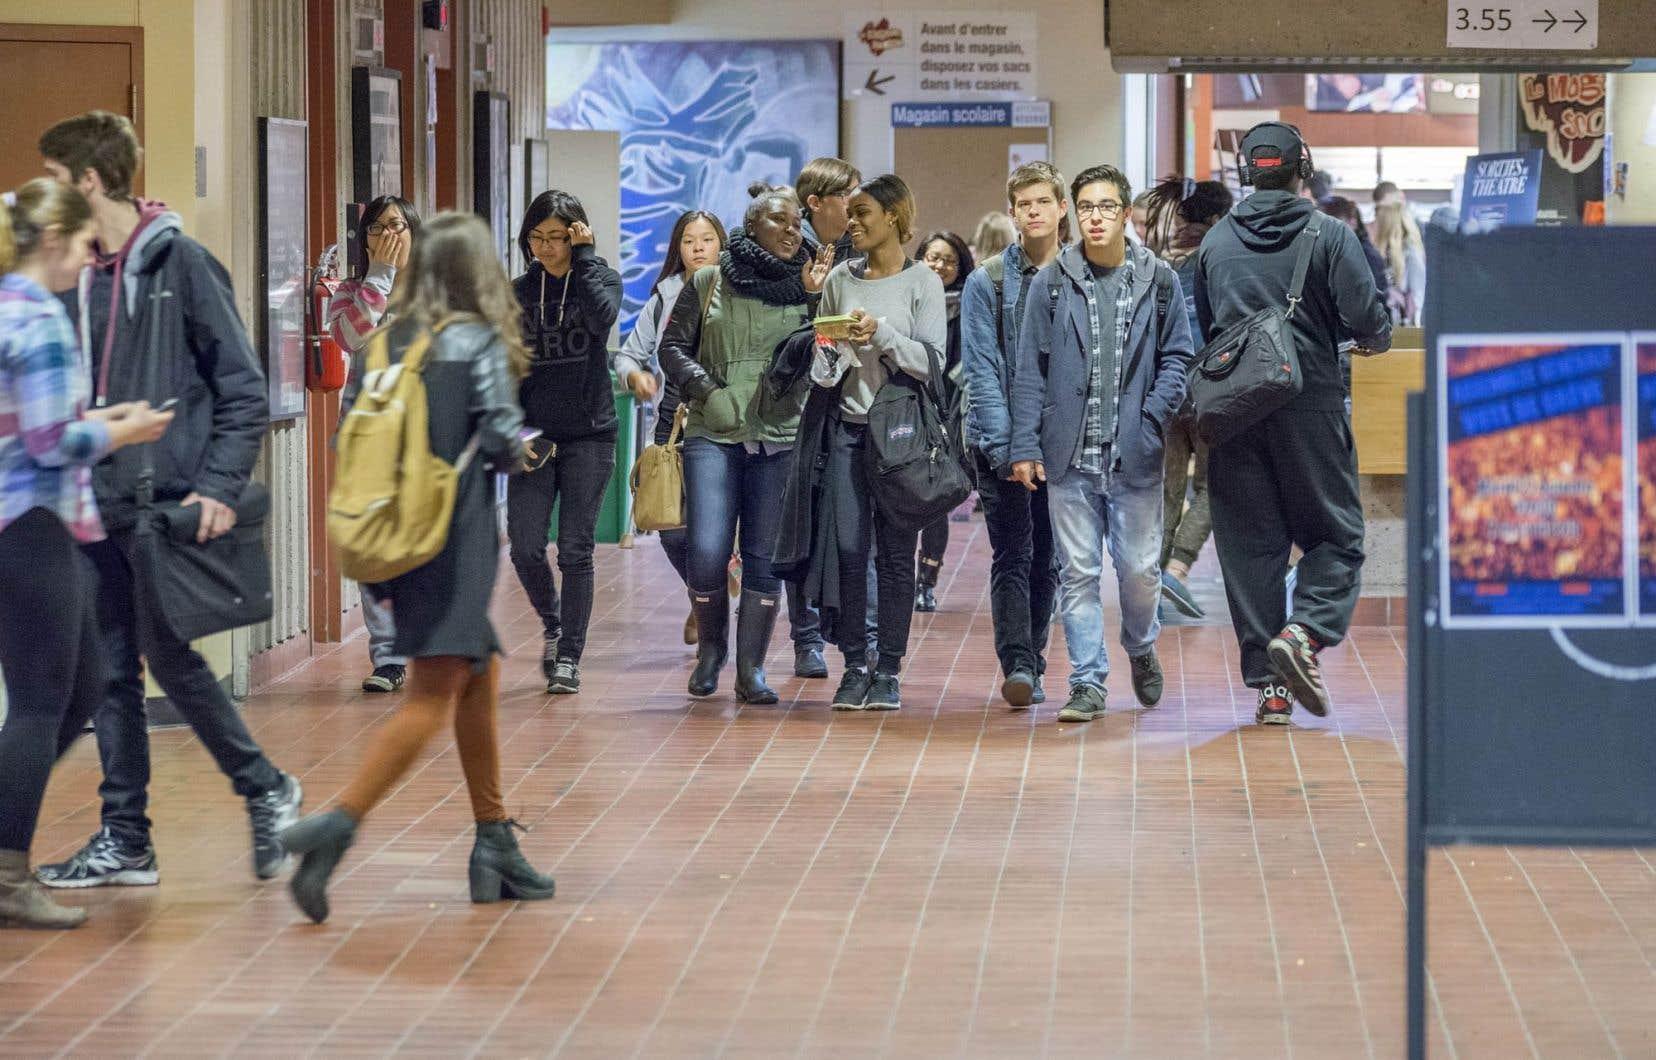 Un étudiant qui n'aurait pas réussi ses épreuves de français ou de philosophie pourrait obtenir ce nouveau diplôme technique et rejoindre ainsi rapidement le marché du travail.